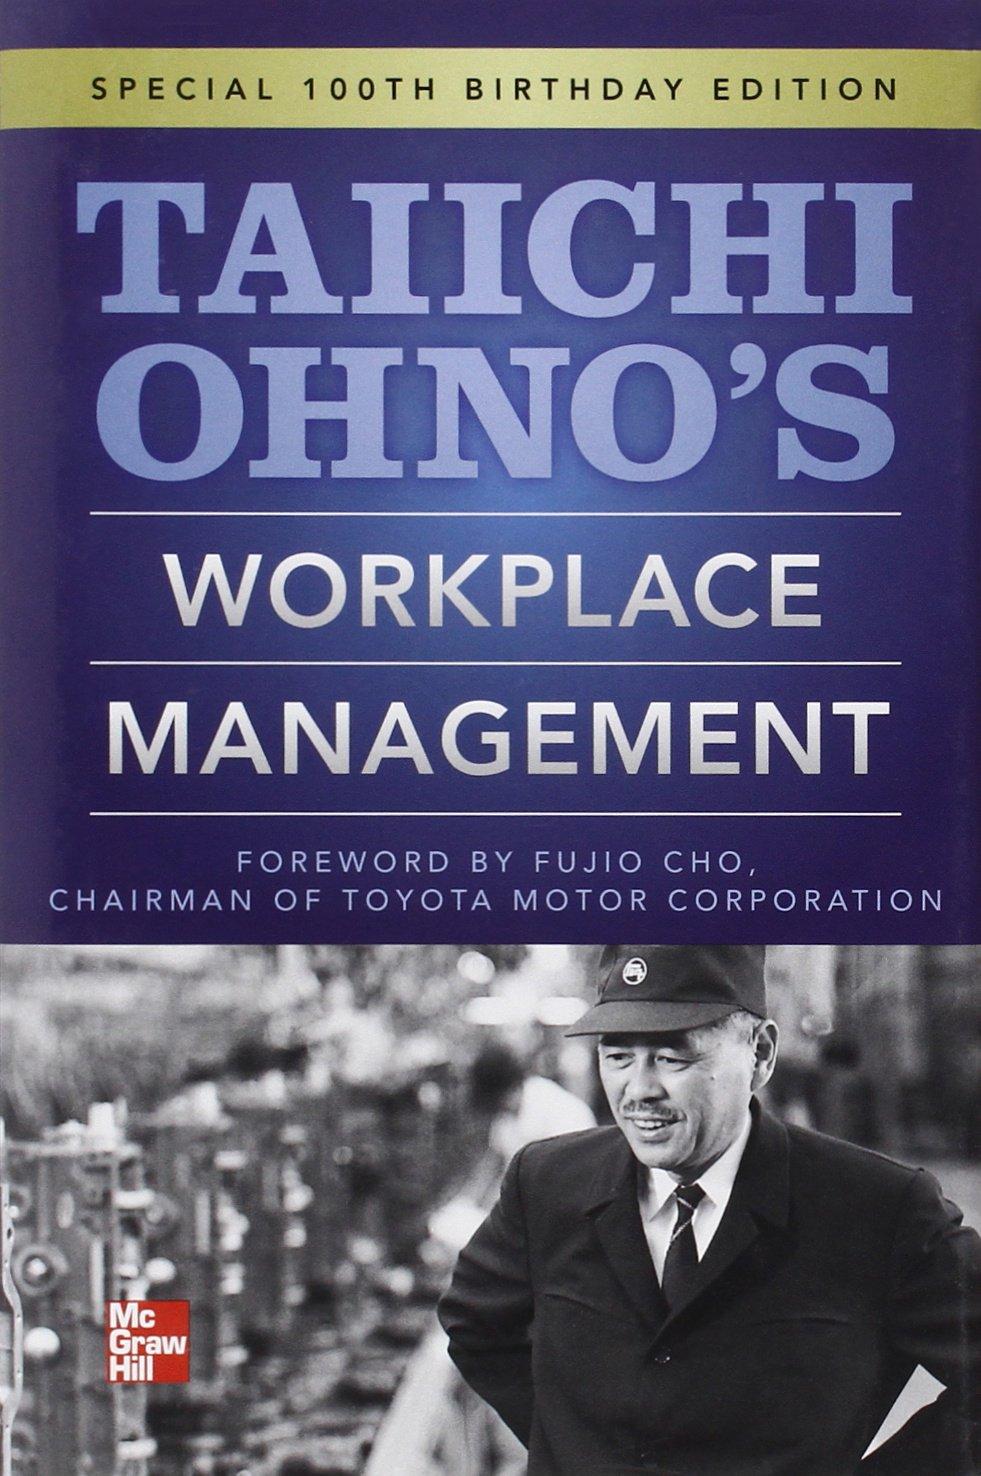 Taiichi Ohno The Kaizone